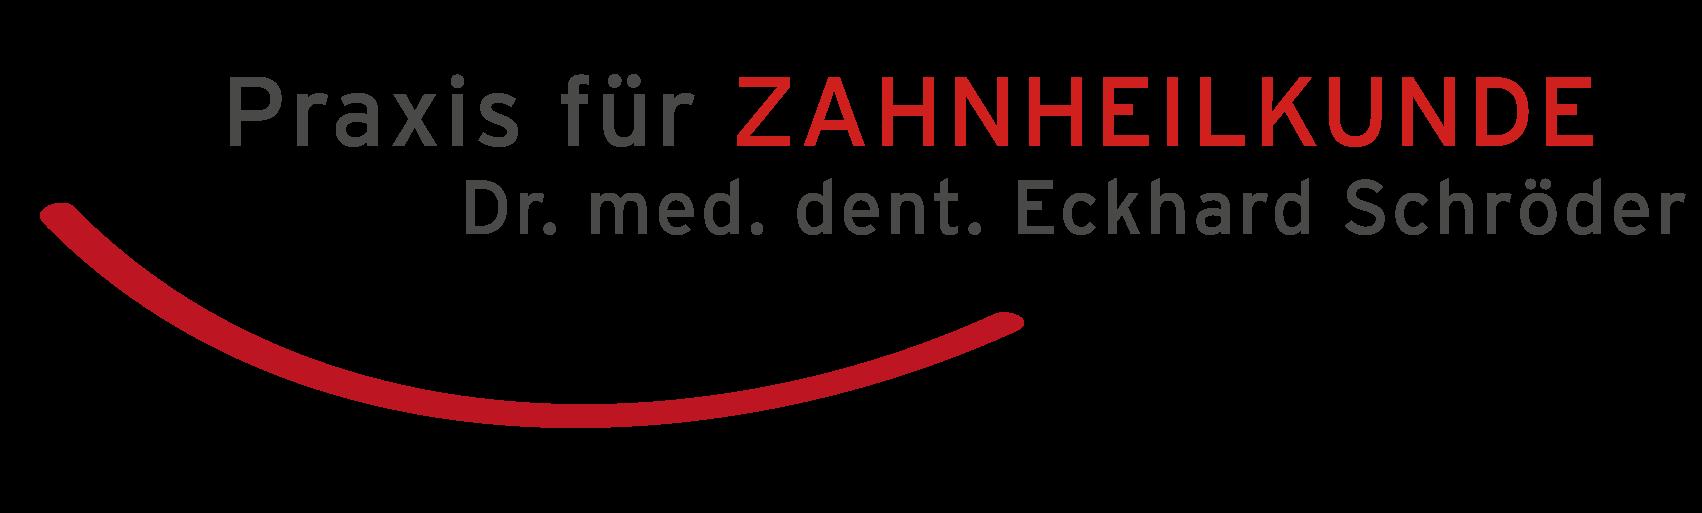 Praxis für ZAHNHEILKUNDE - Dr. med. dent. Eckhard Schröder